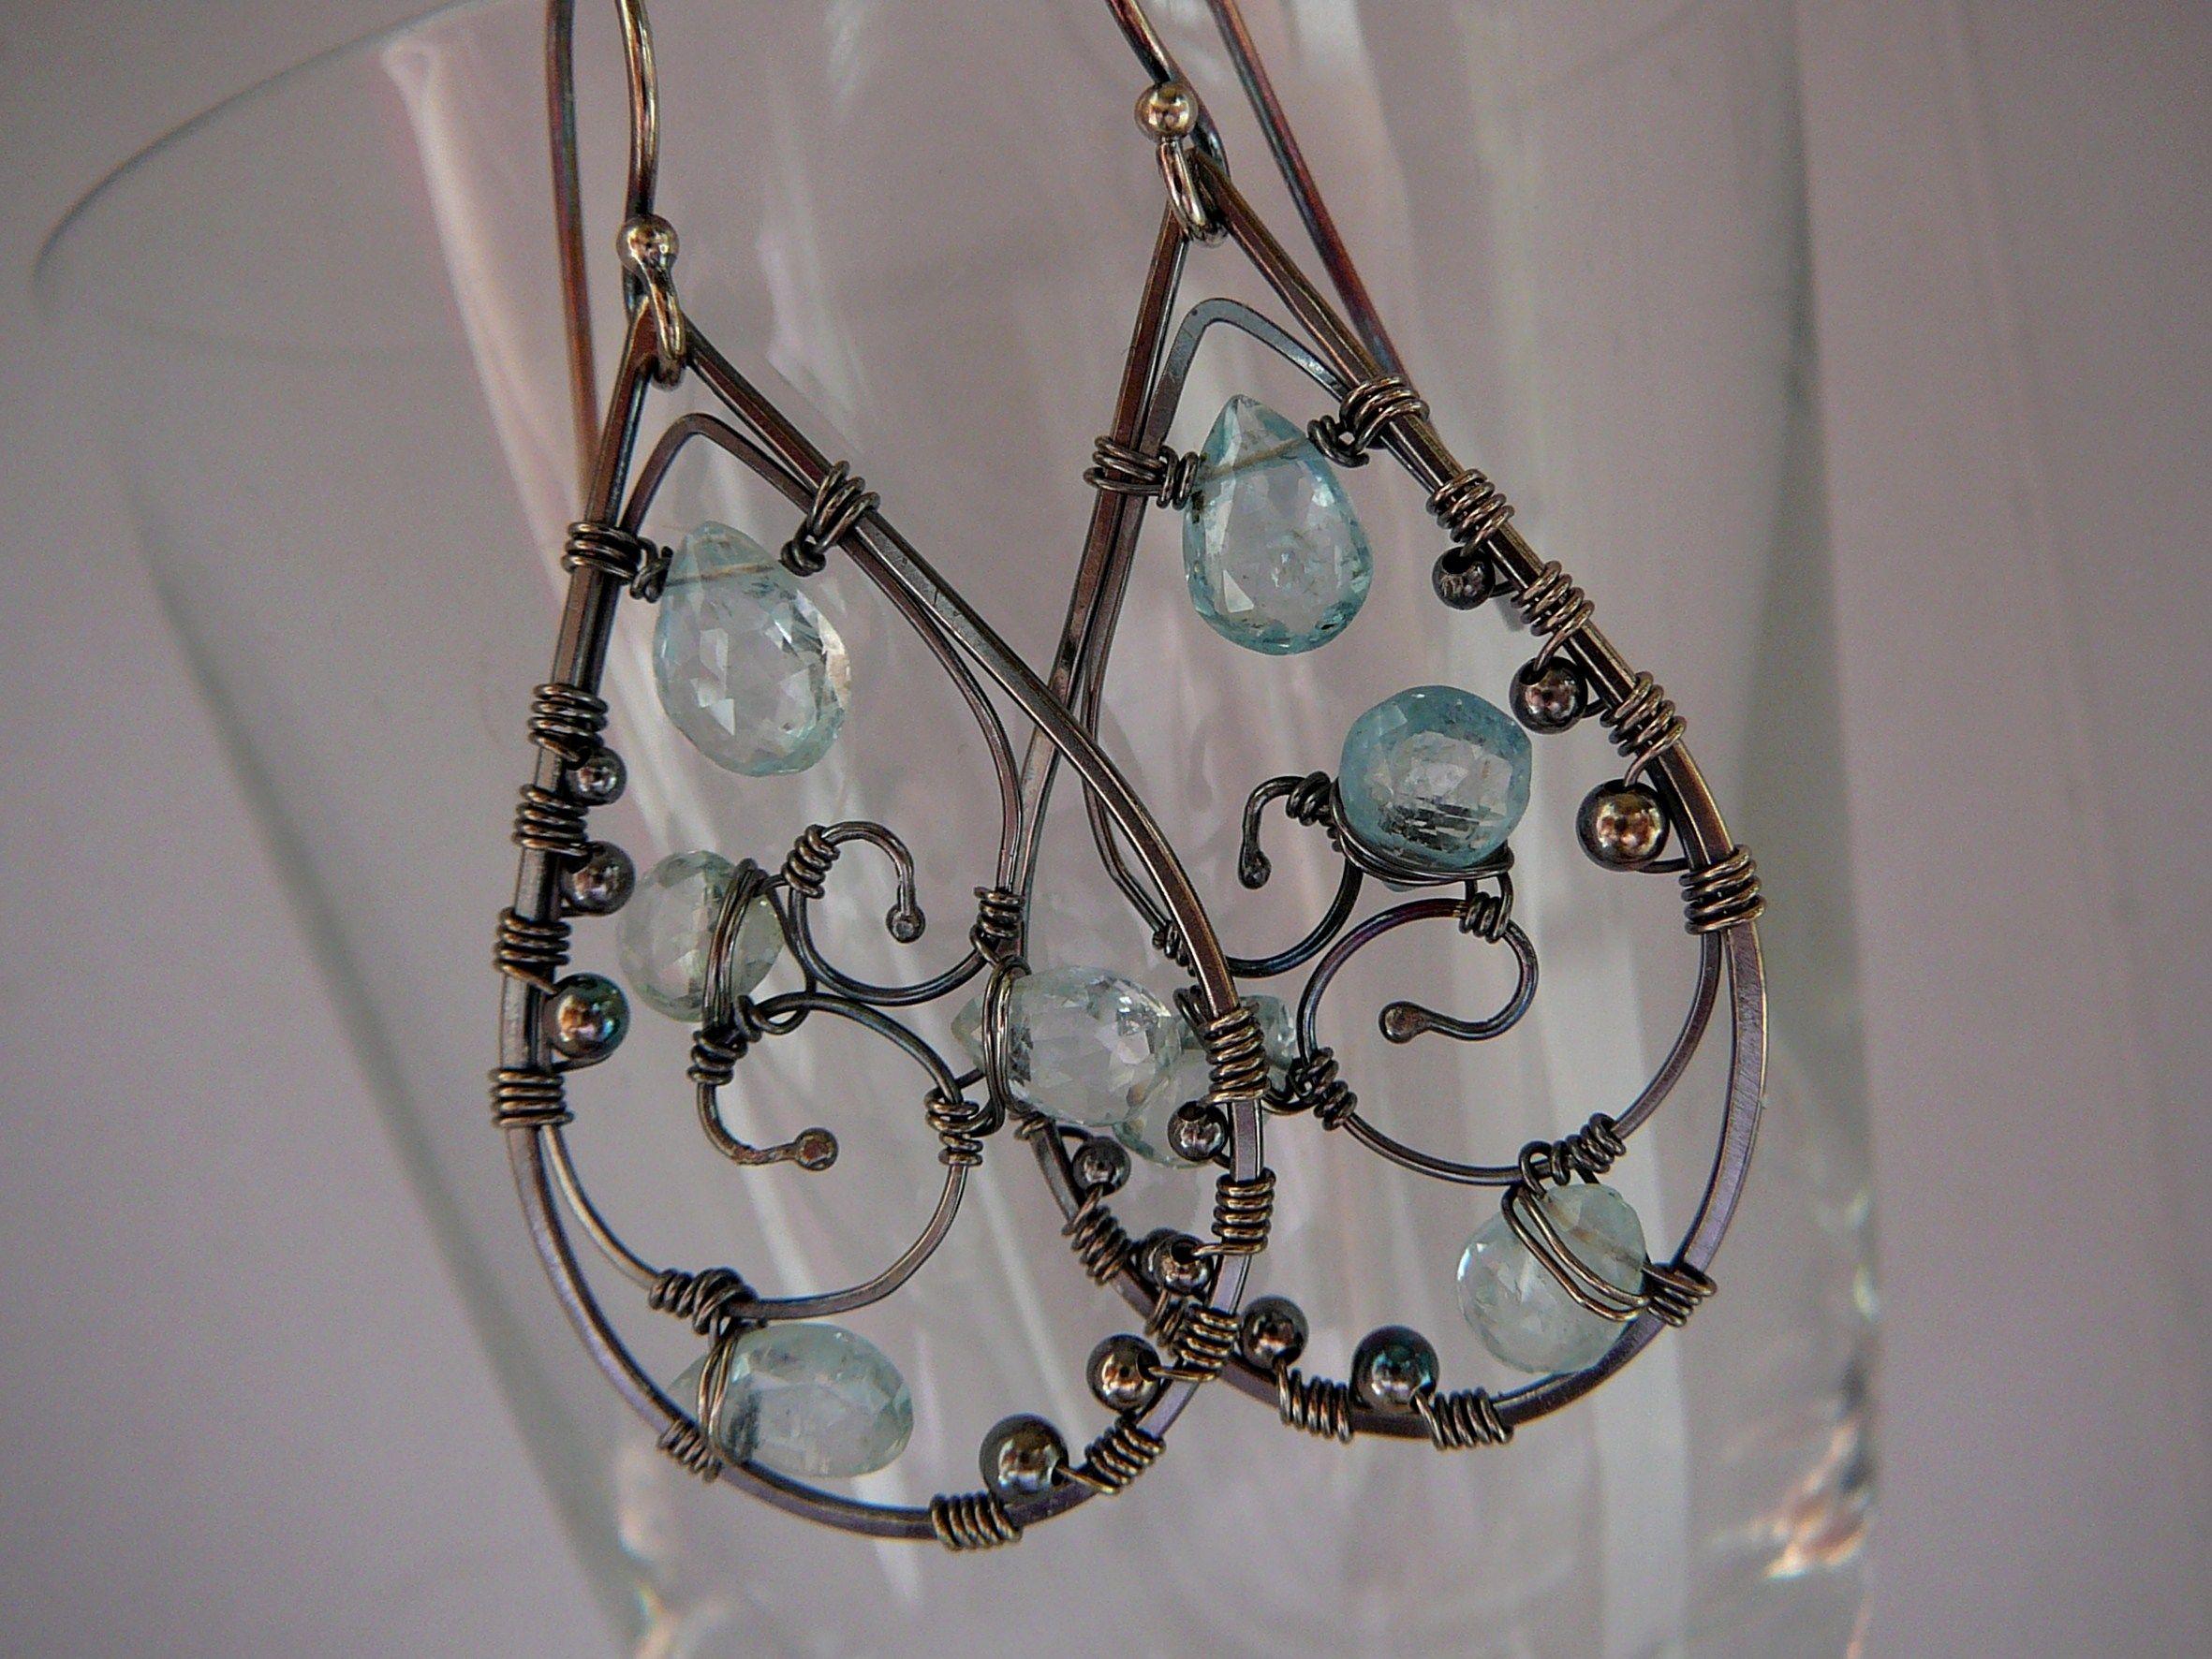 double wire earrings   Earrings 3   Pinterest   Wire earrings, Beads ...